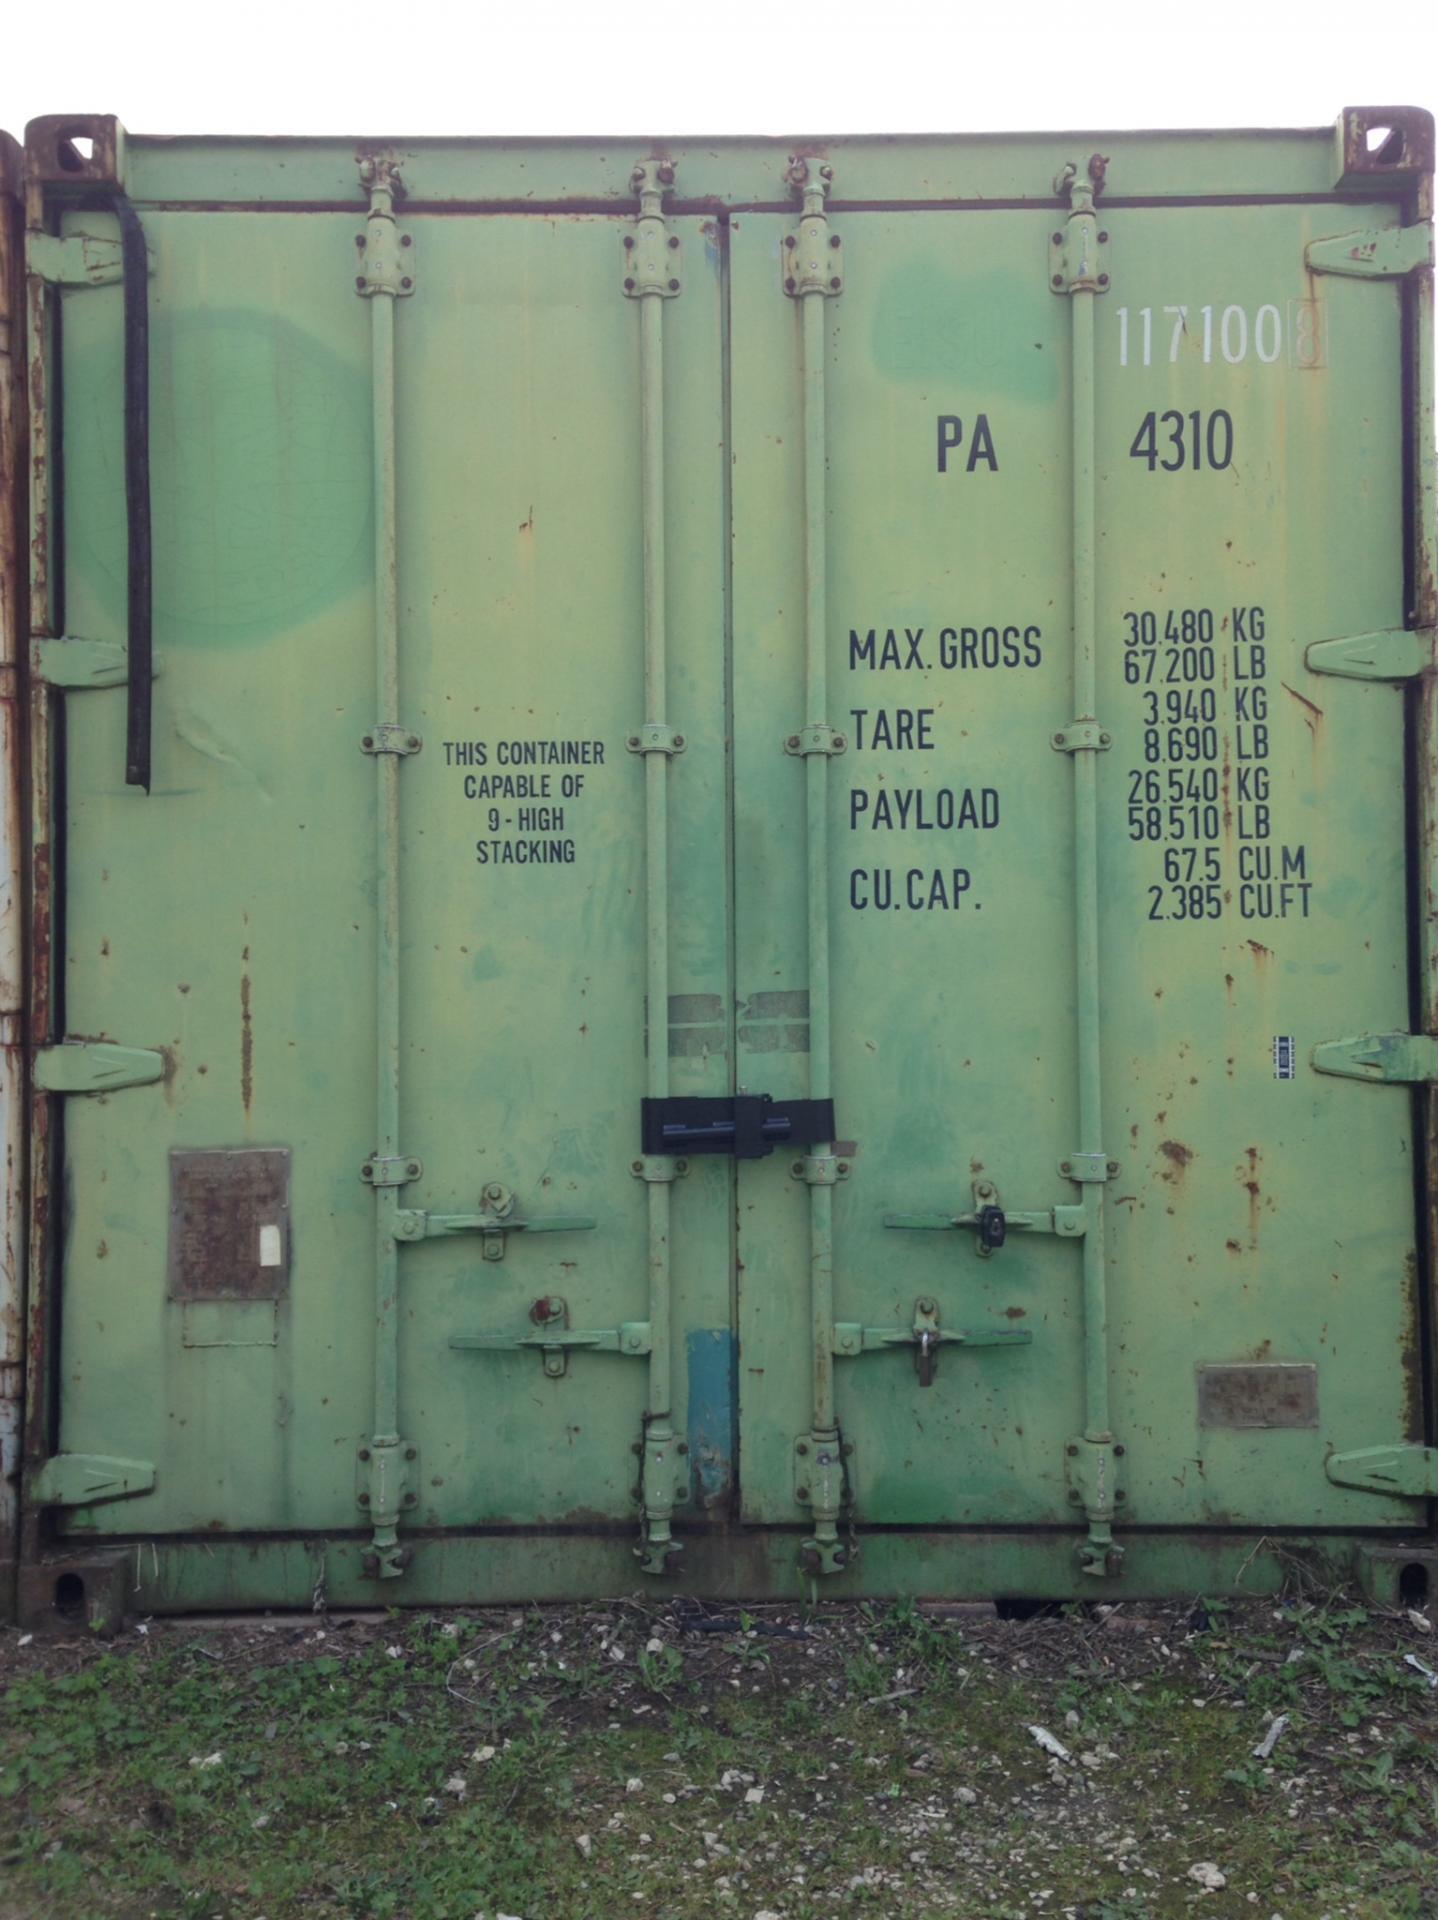 Cadenas pour conteneurs container lock mul t lock